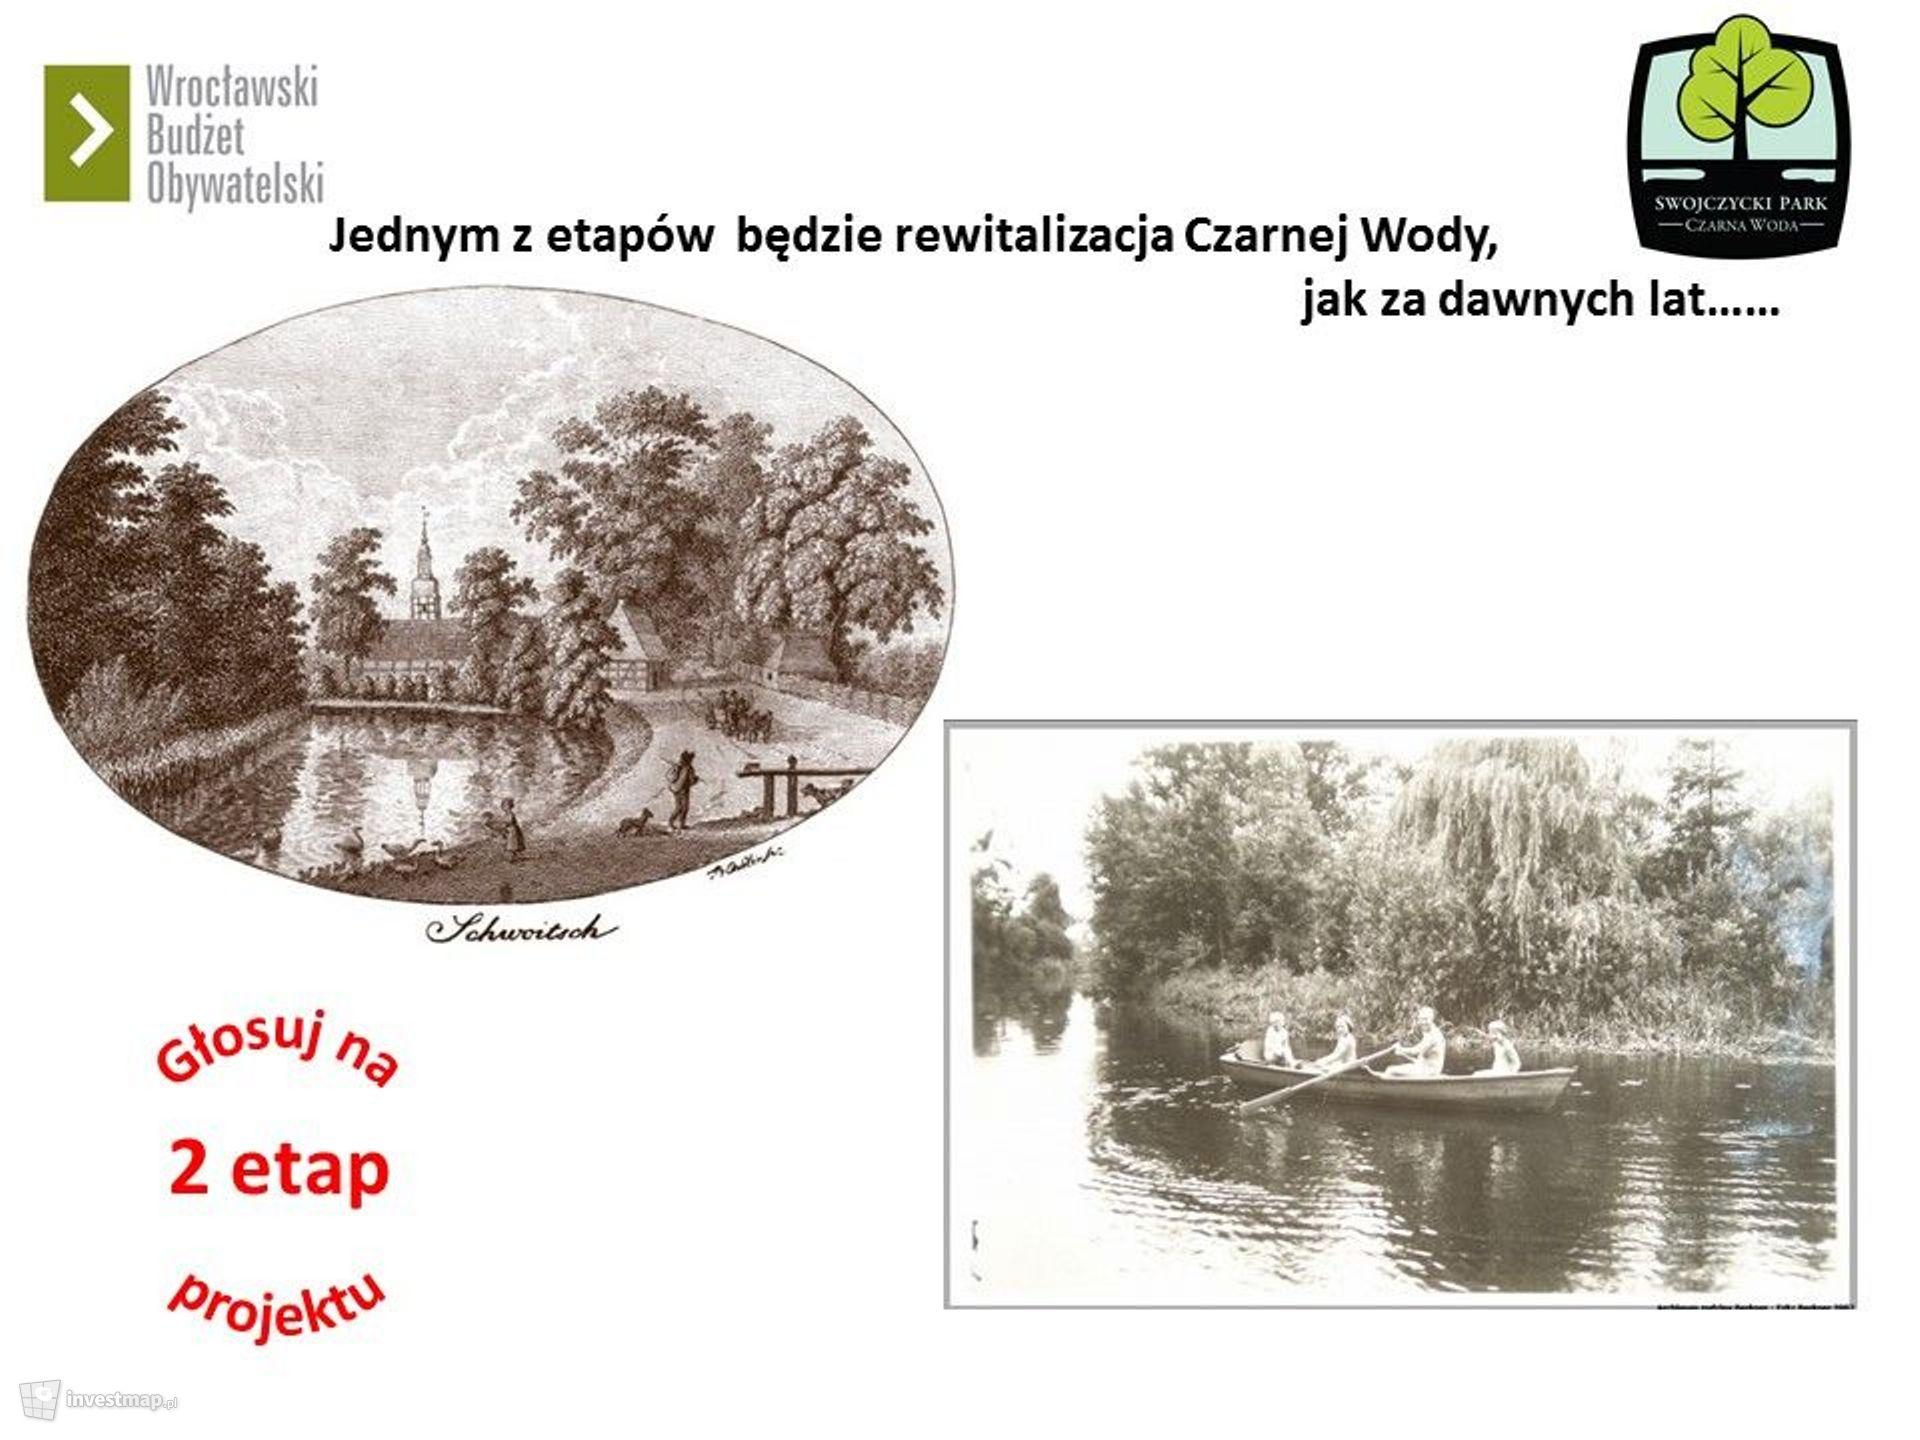 Swojczycki Park Czarna Woda